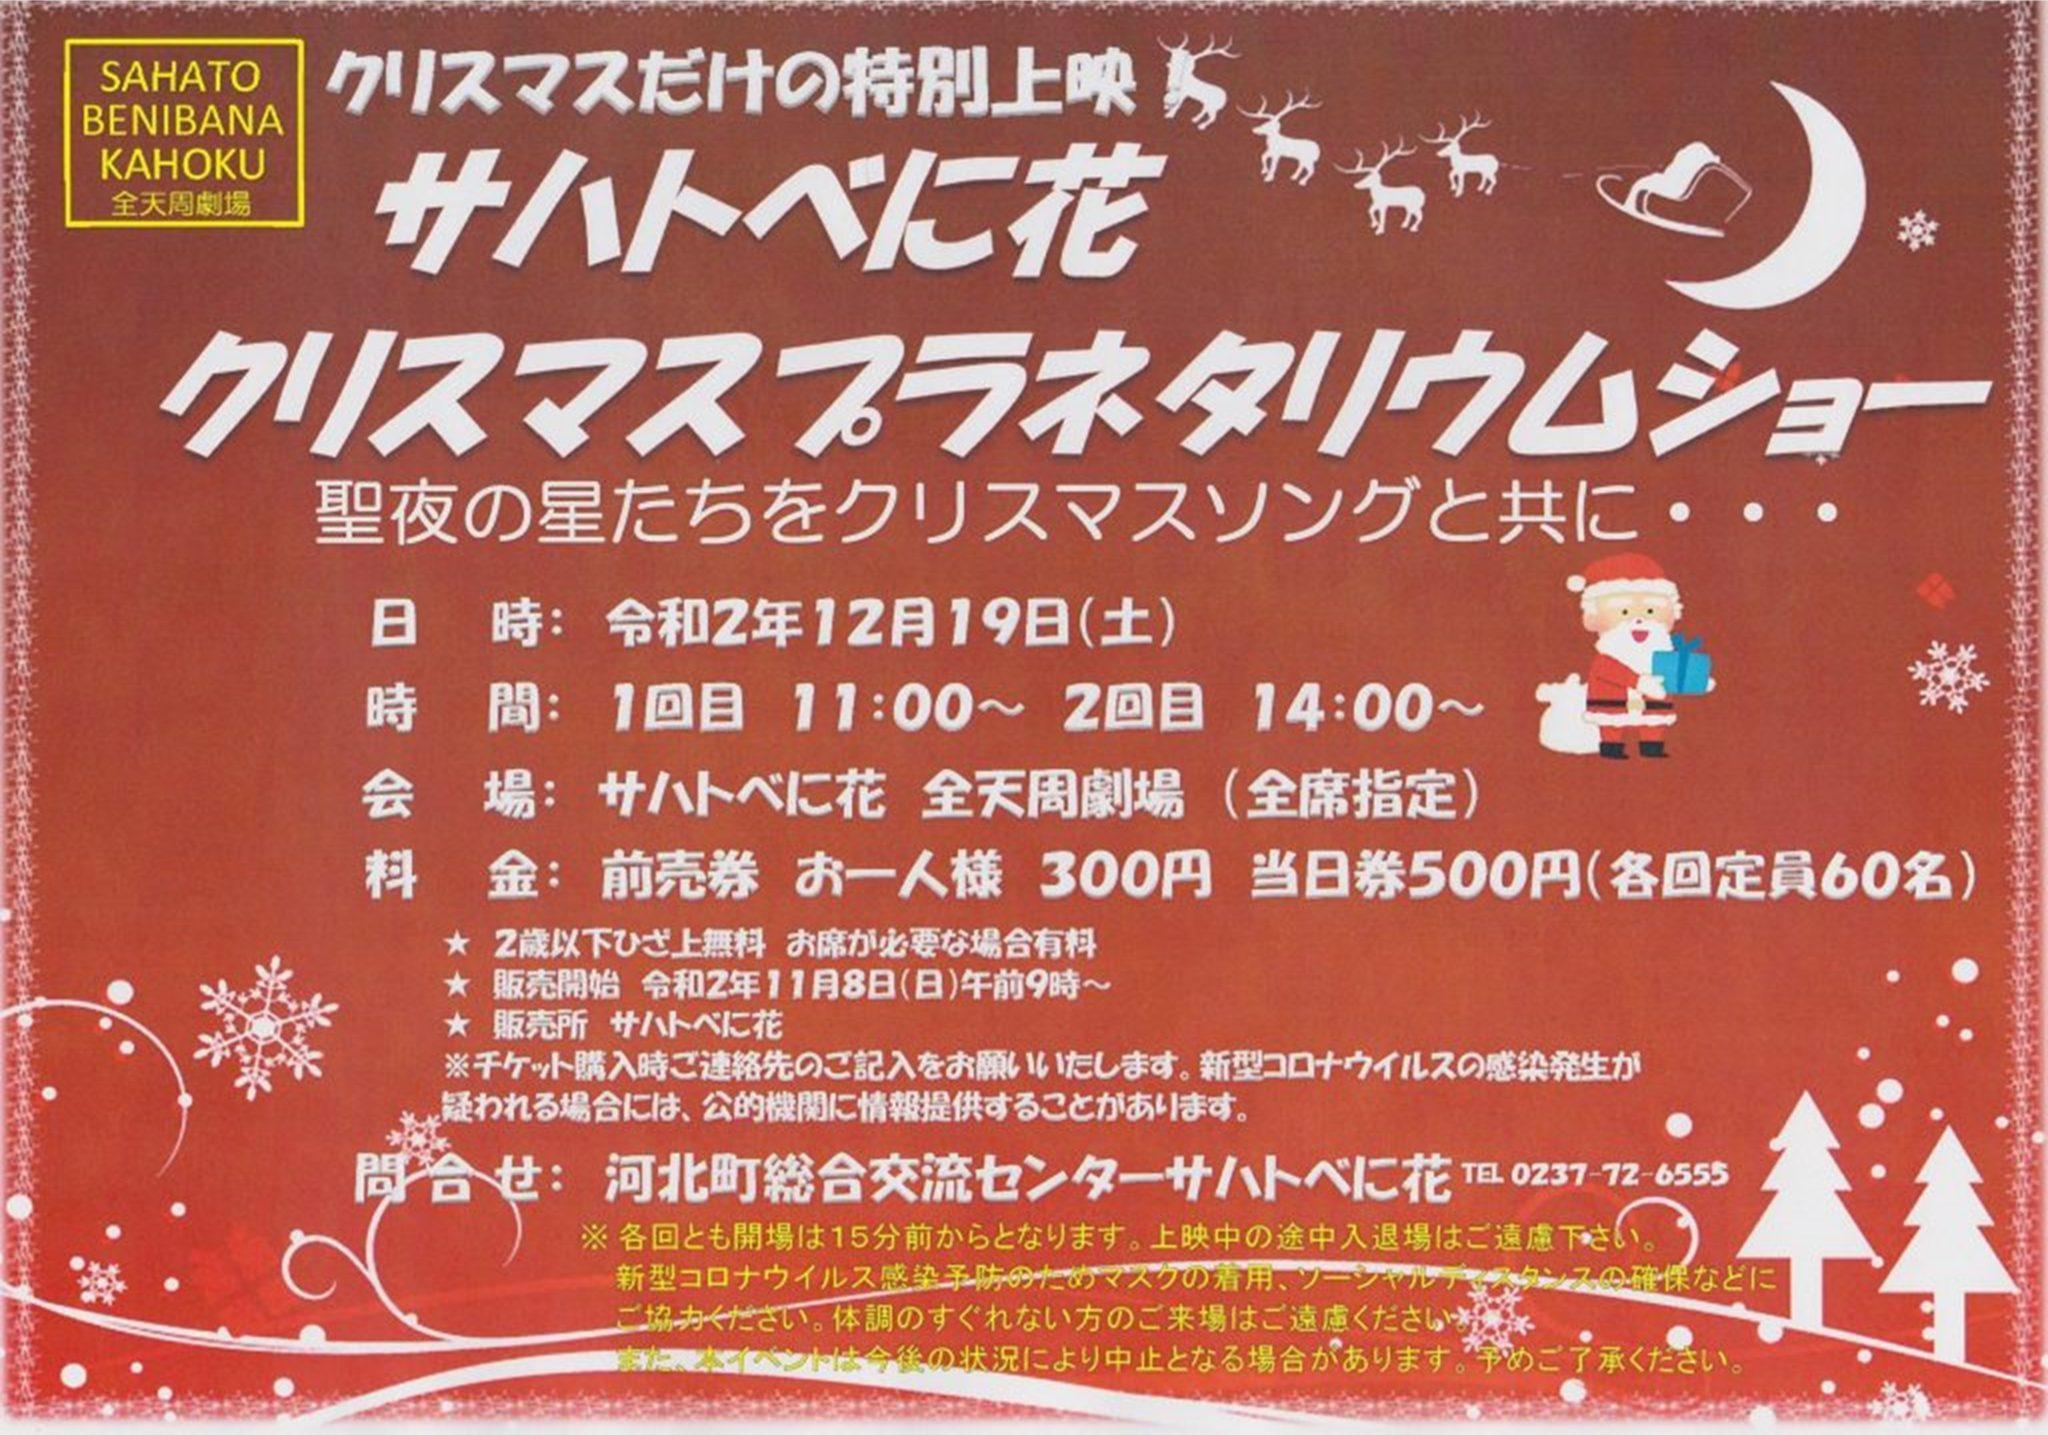 クリスマスプラネタリウムショー (2020年)